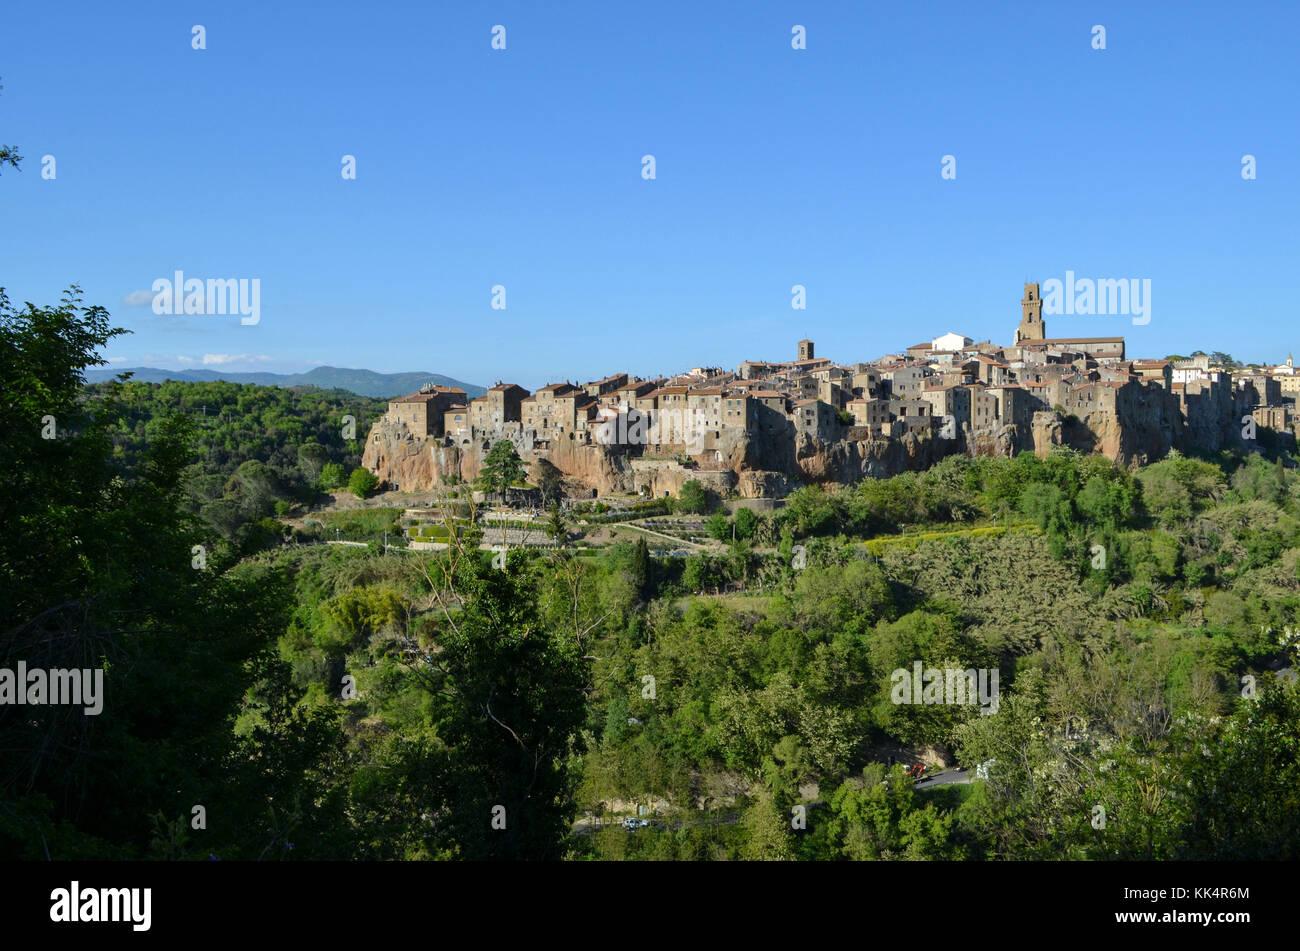 Italia, Toscana: Pitigliano. Sobresaliendo de la Lente River Valley, la ciudad medieval de Pitigliano en un acantilado Foto de stock